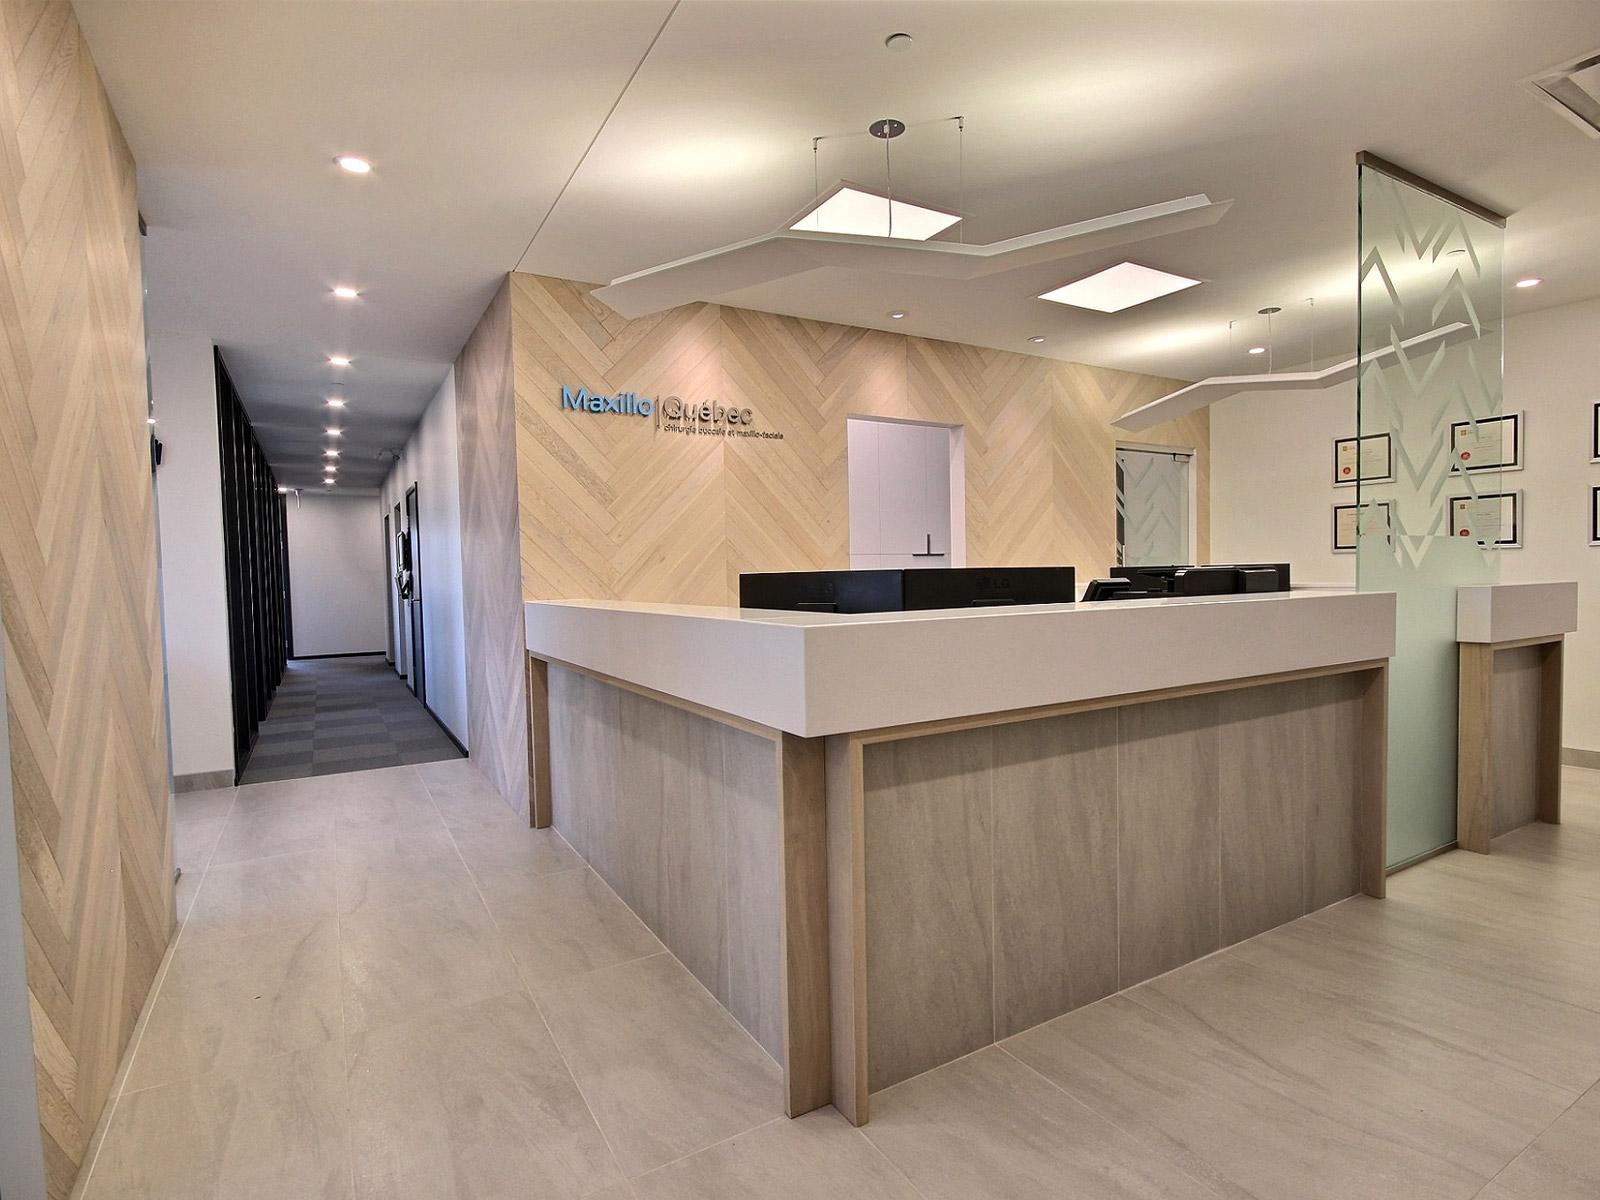 Design intérieur accueil clinique dentaire